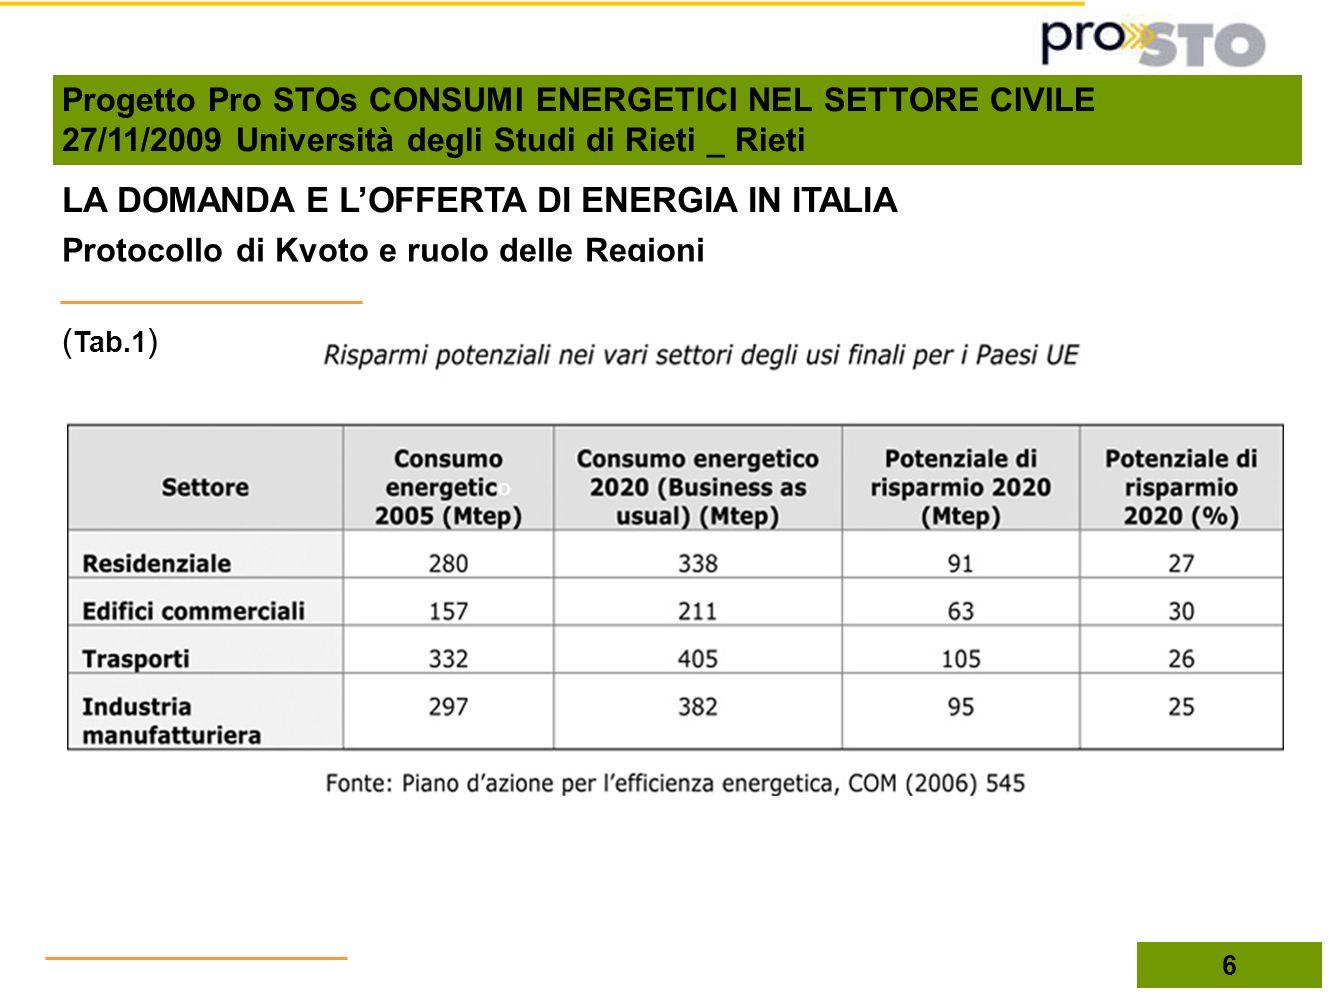 LA DOMANDA E L'OFFERTA DI ENERGIA IN ITALIA